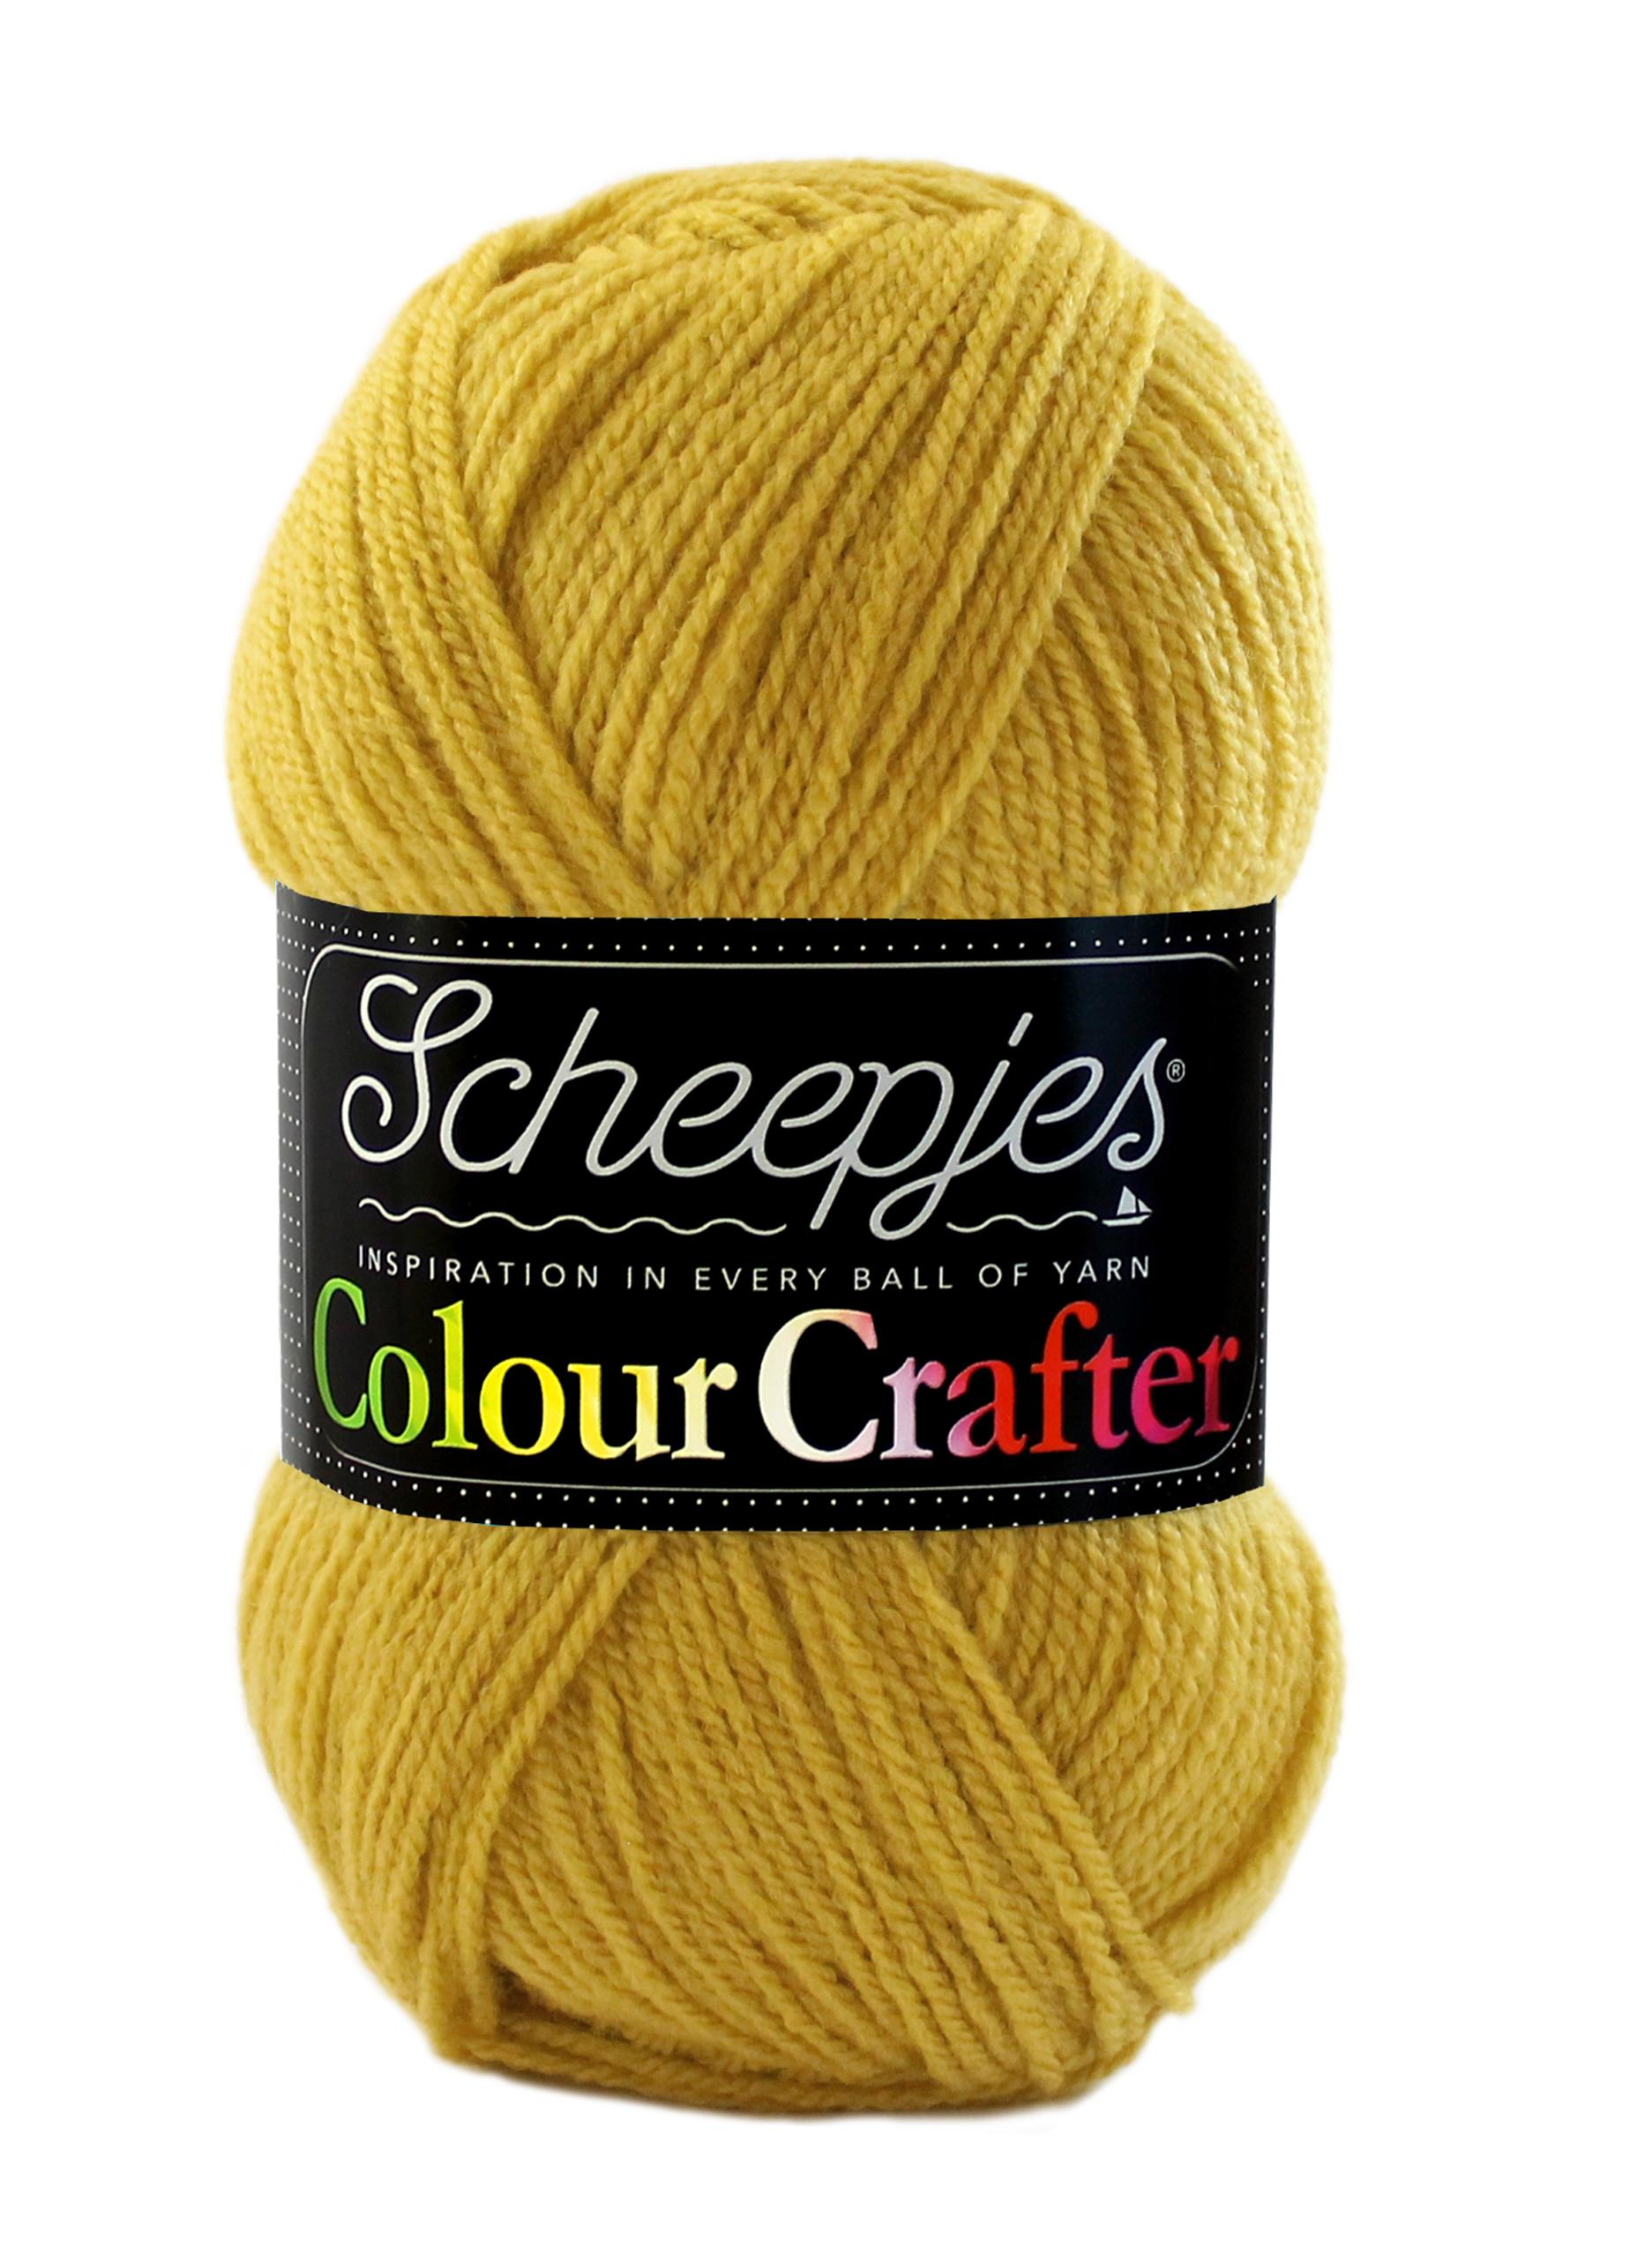 Scheepjes Colour Crafter – Coevorden 1823 | garenhuisukeus.nl